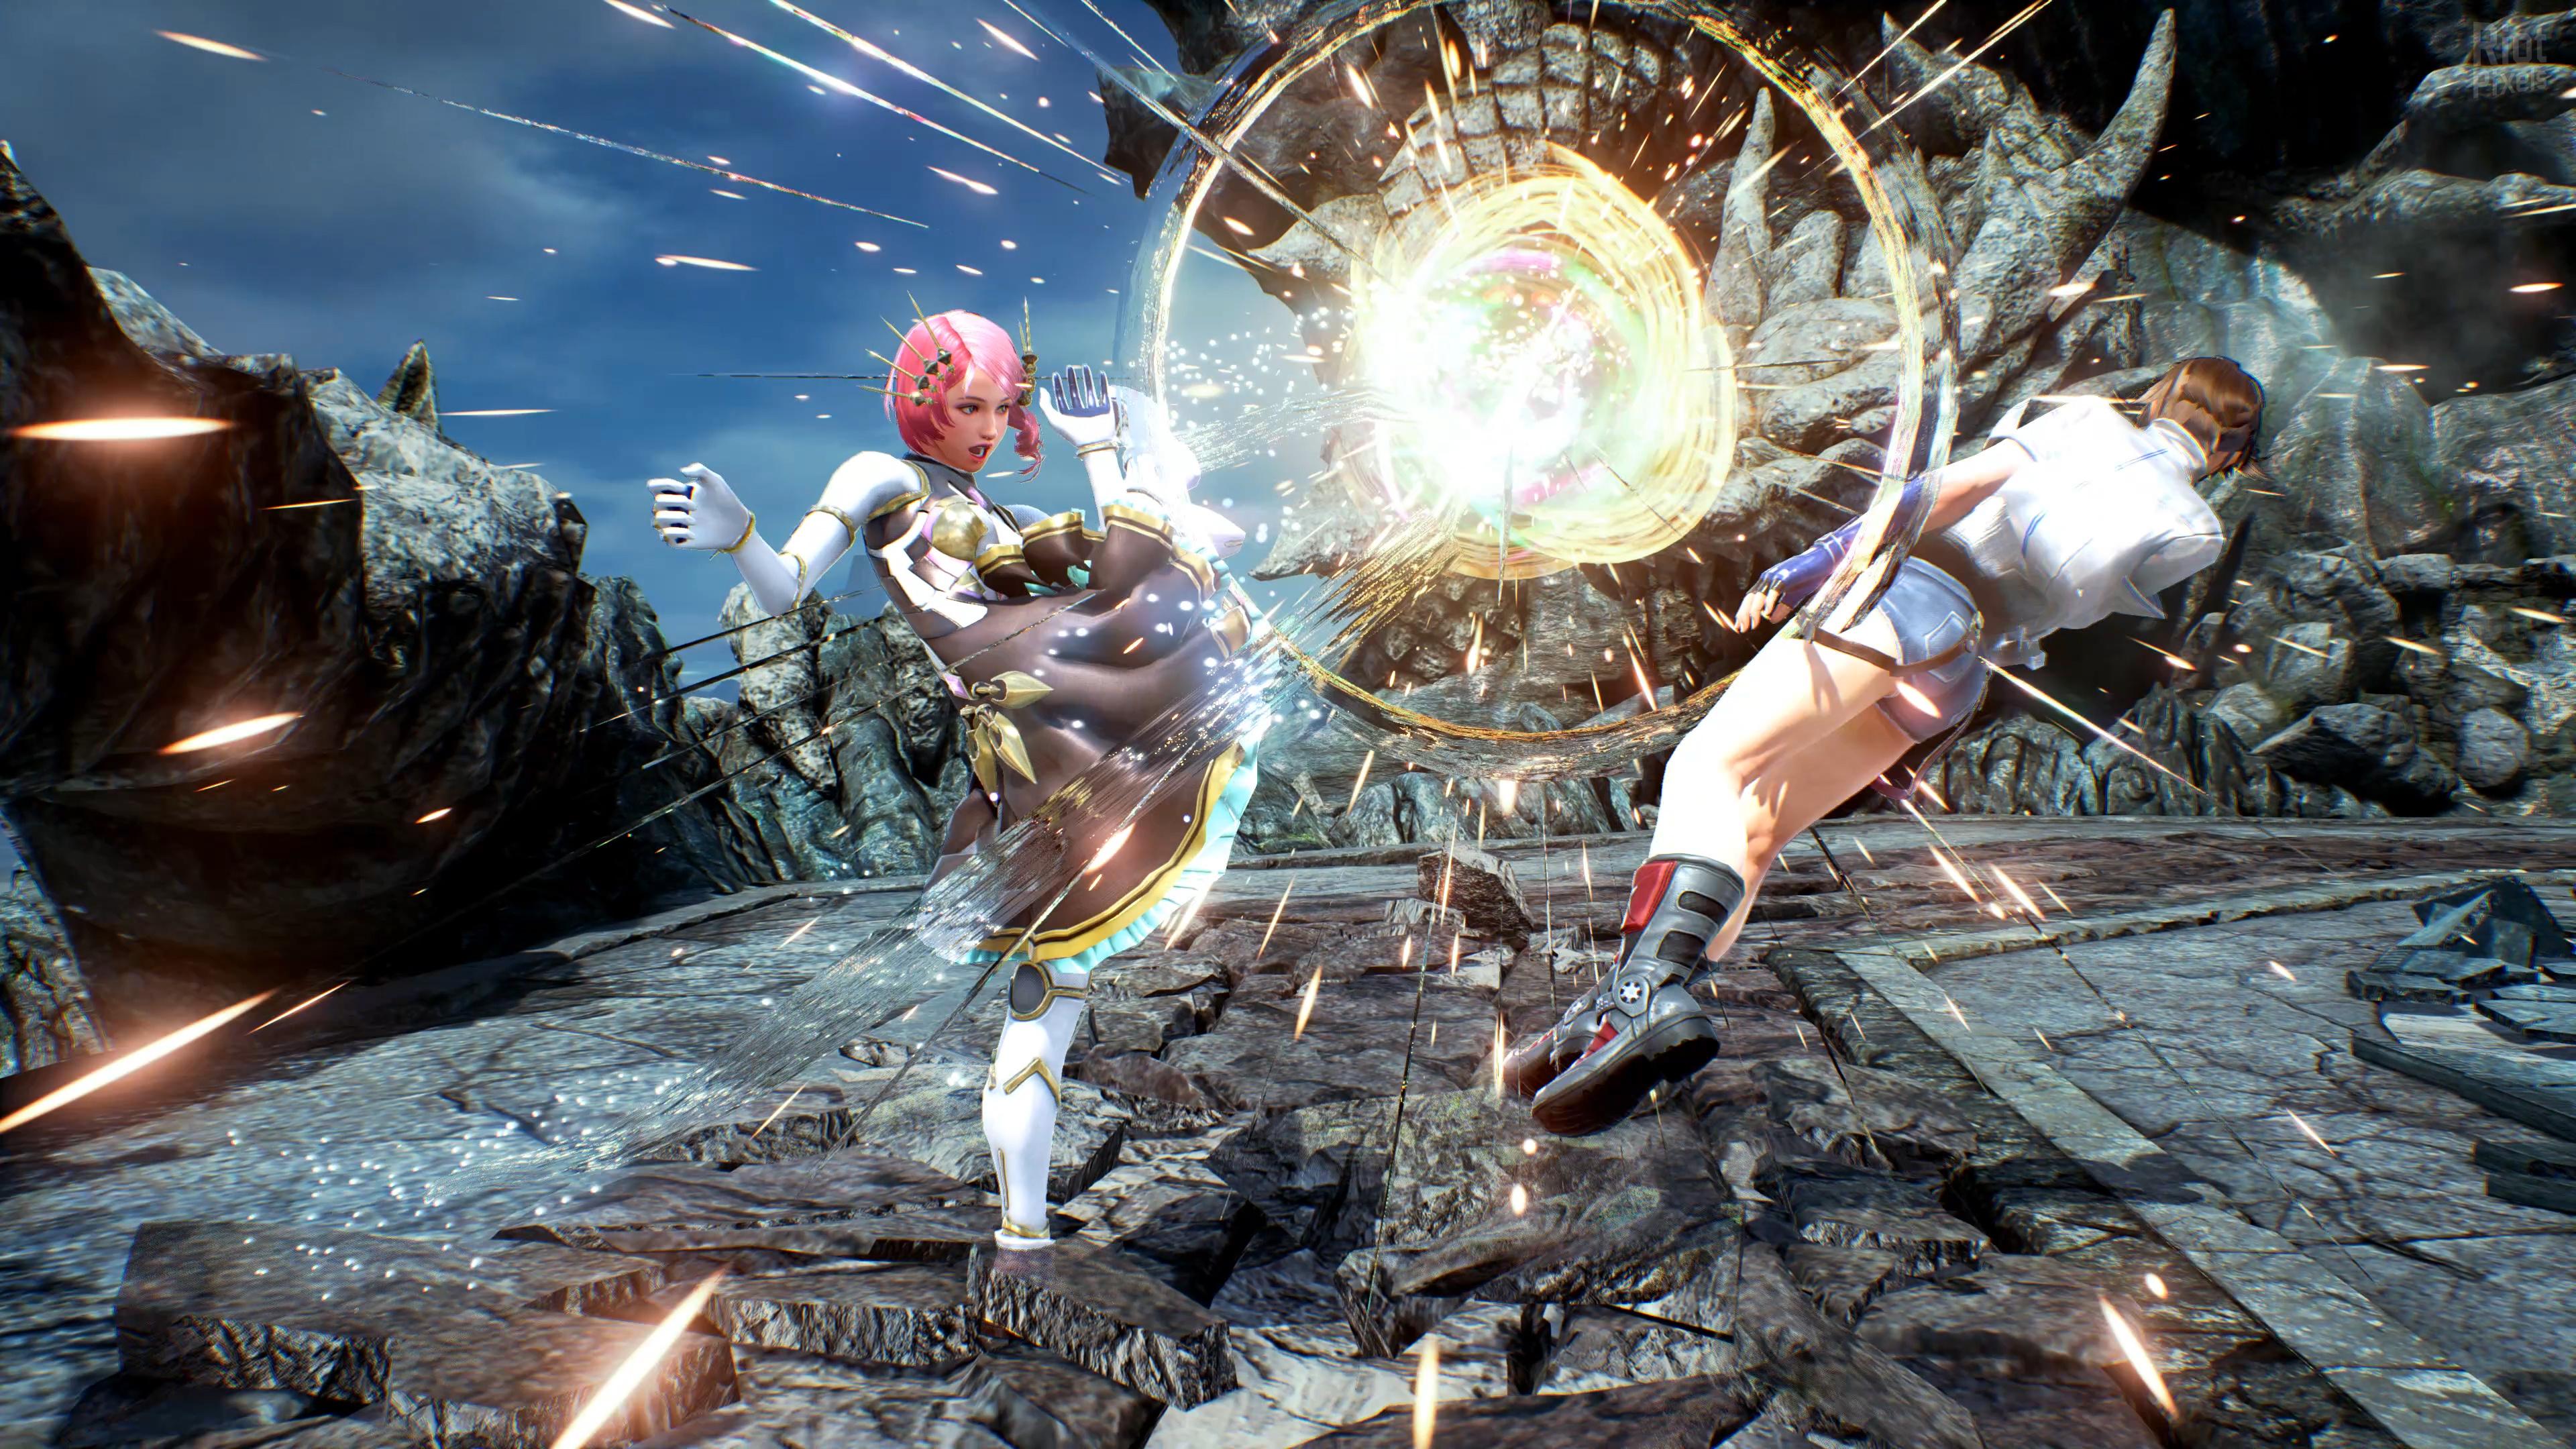 Tekken 7 - game screenshots at Riot Pixels, images